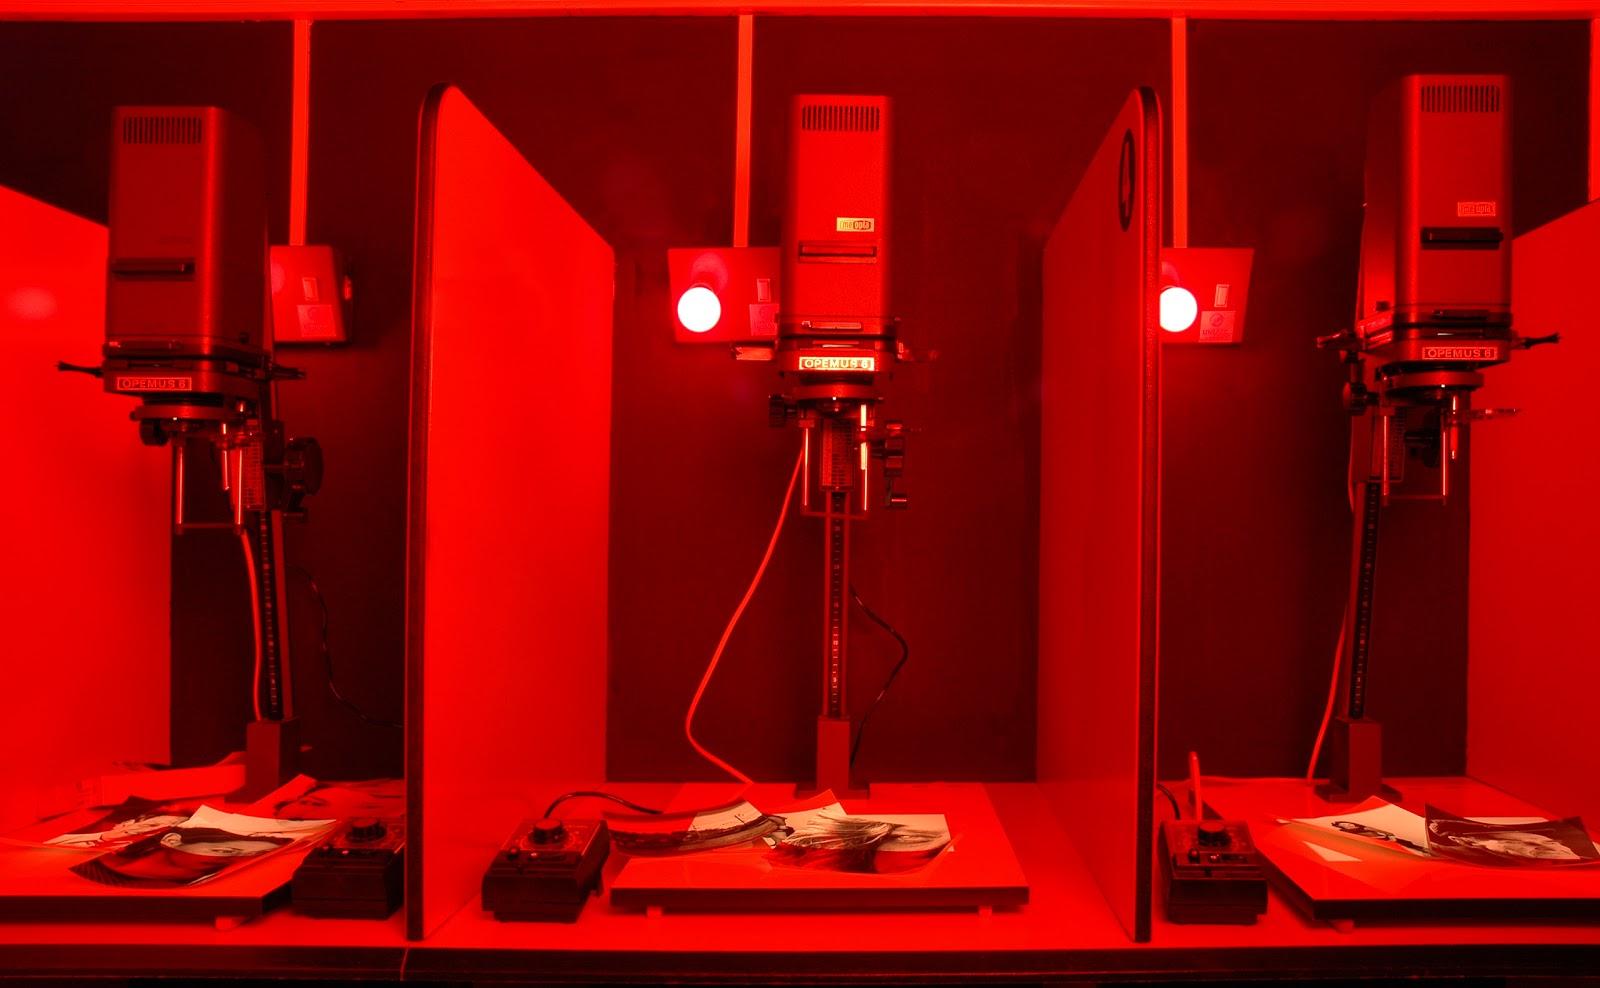 Notas sobre fotograf a el laboratorio fotogr fico b n for Cuarto oscuro fotografia